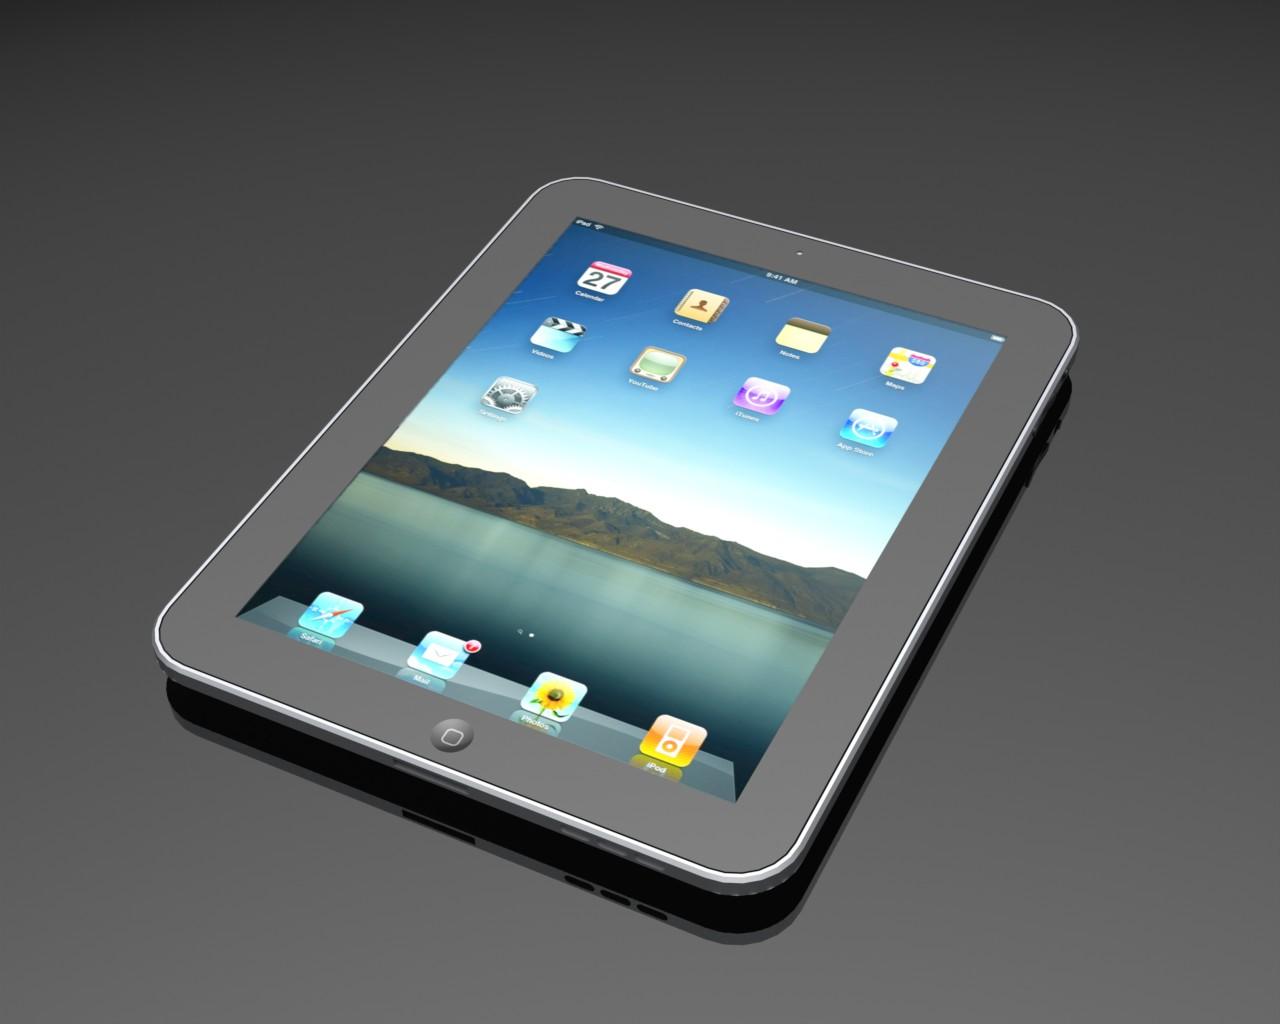 دانلود پروژه طراحی تبلت اپل آیپد